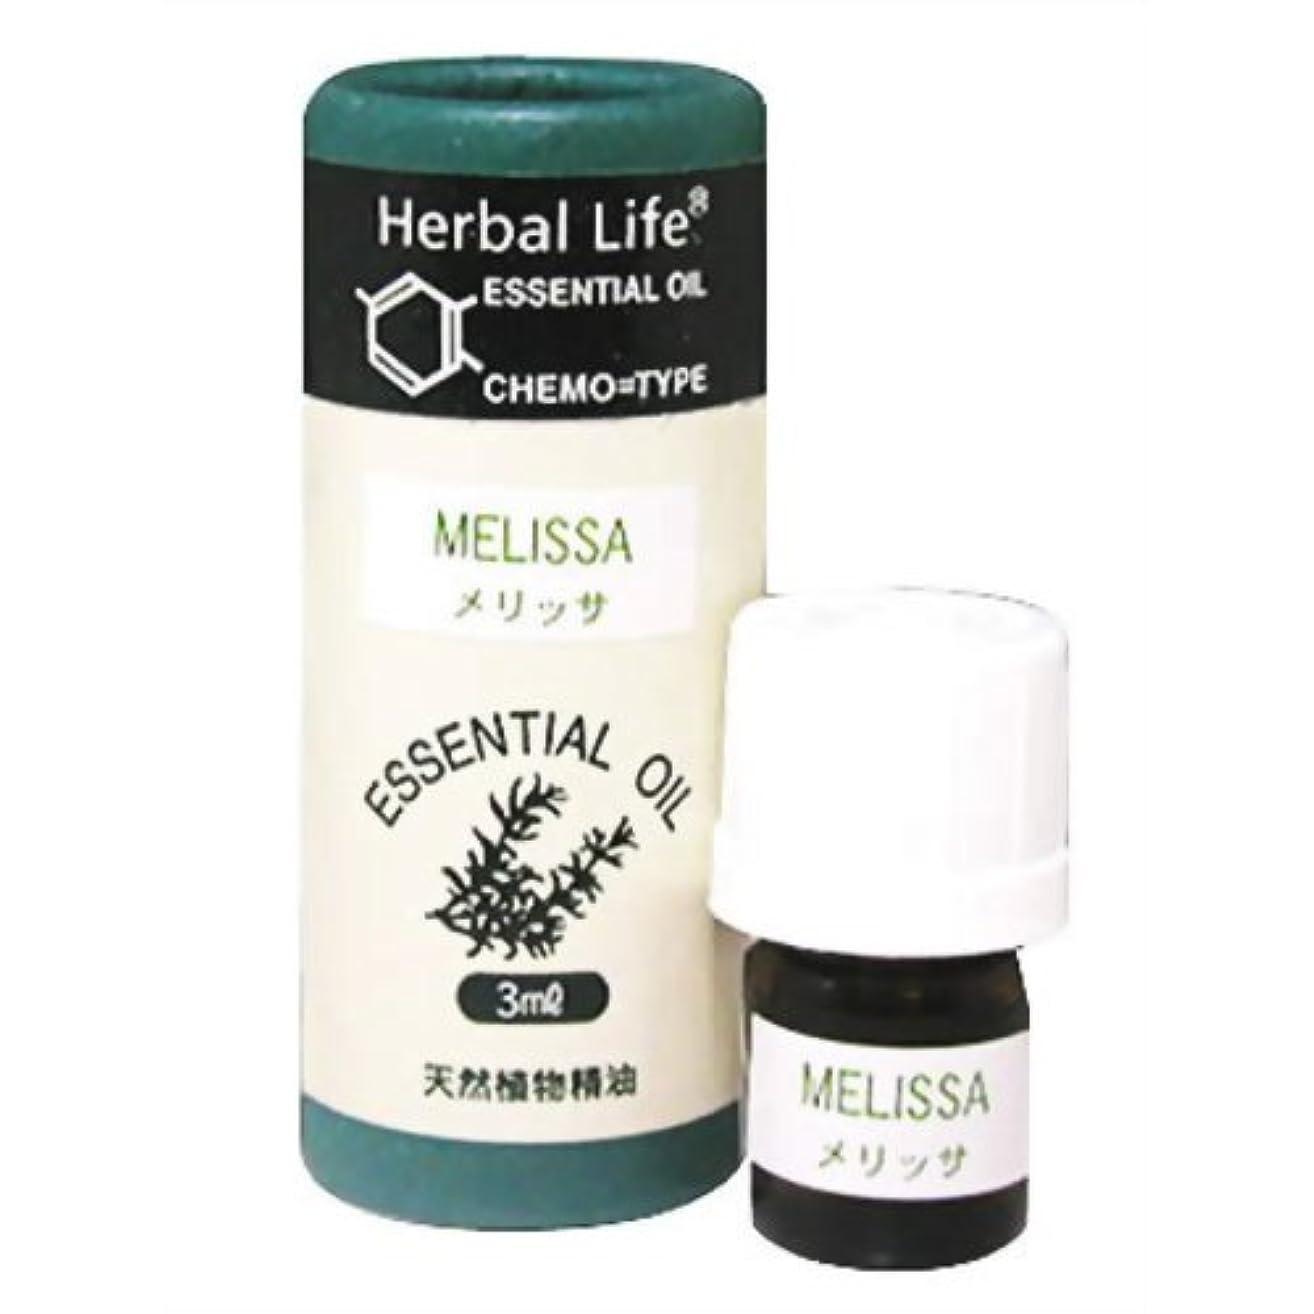 荷物たらい労働者Herbal Life メリッサ 3ml